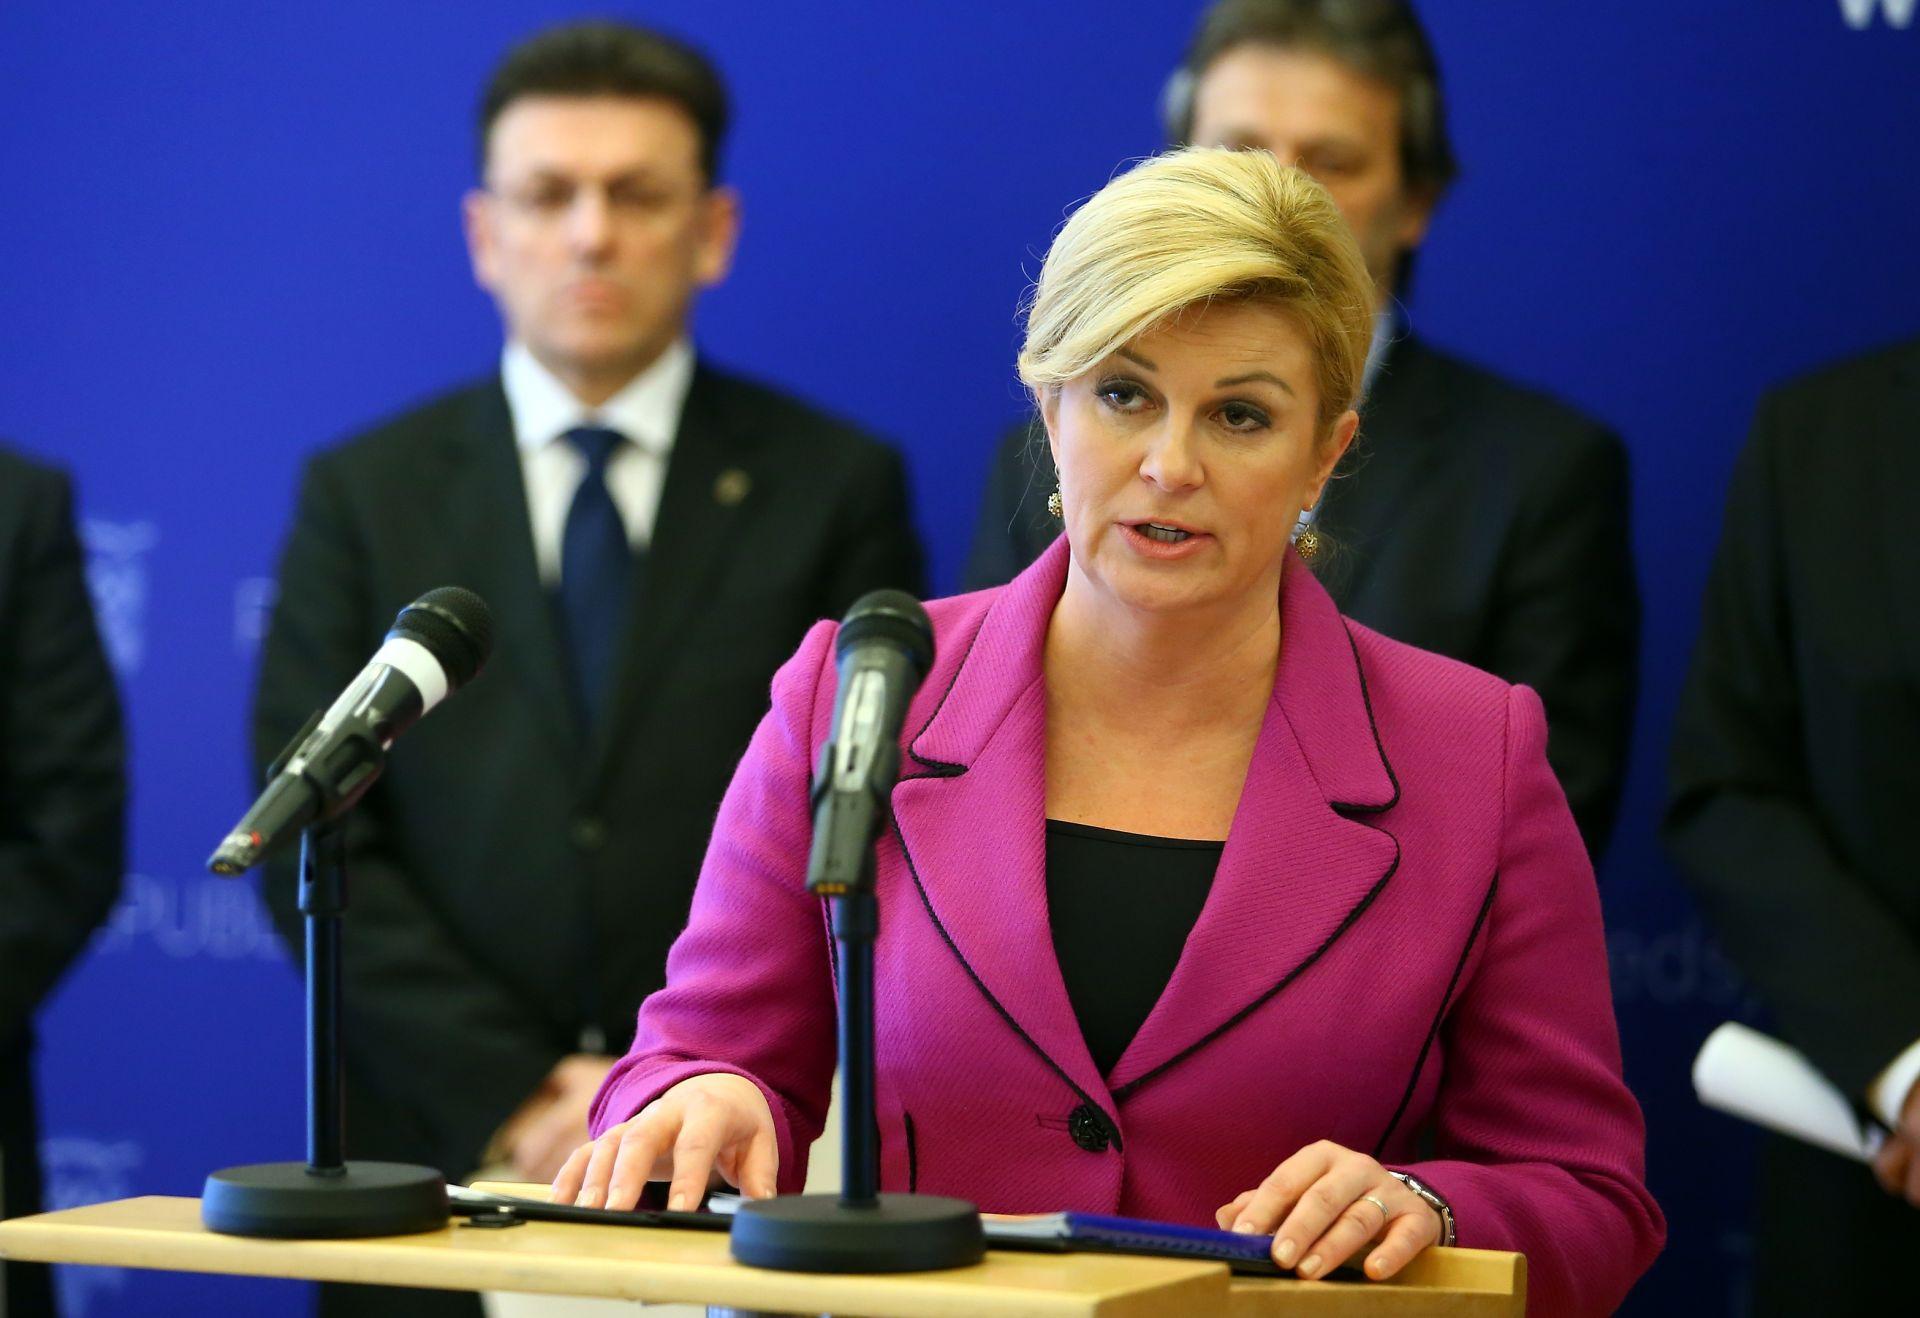 AFERA DNEVNICE Grabar-Kitarović: 'Neka DORH radi svoj posao'